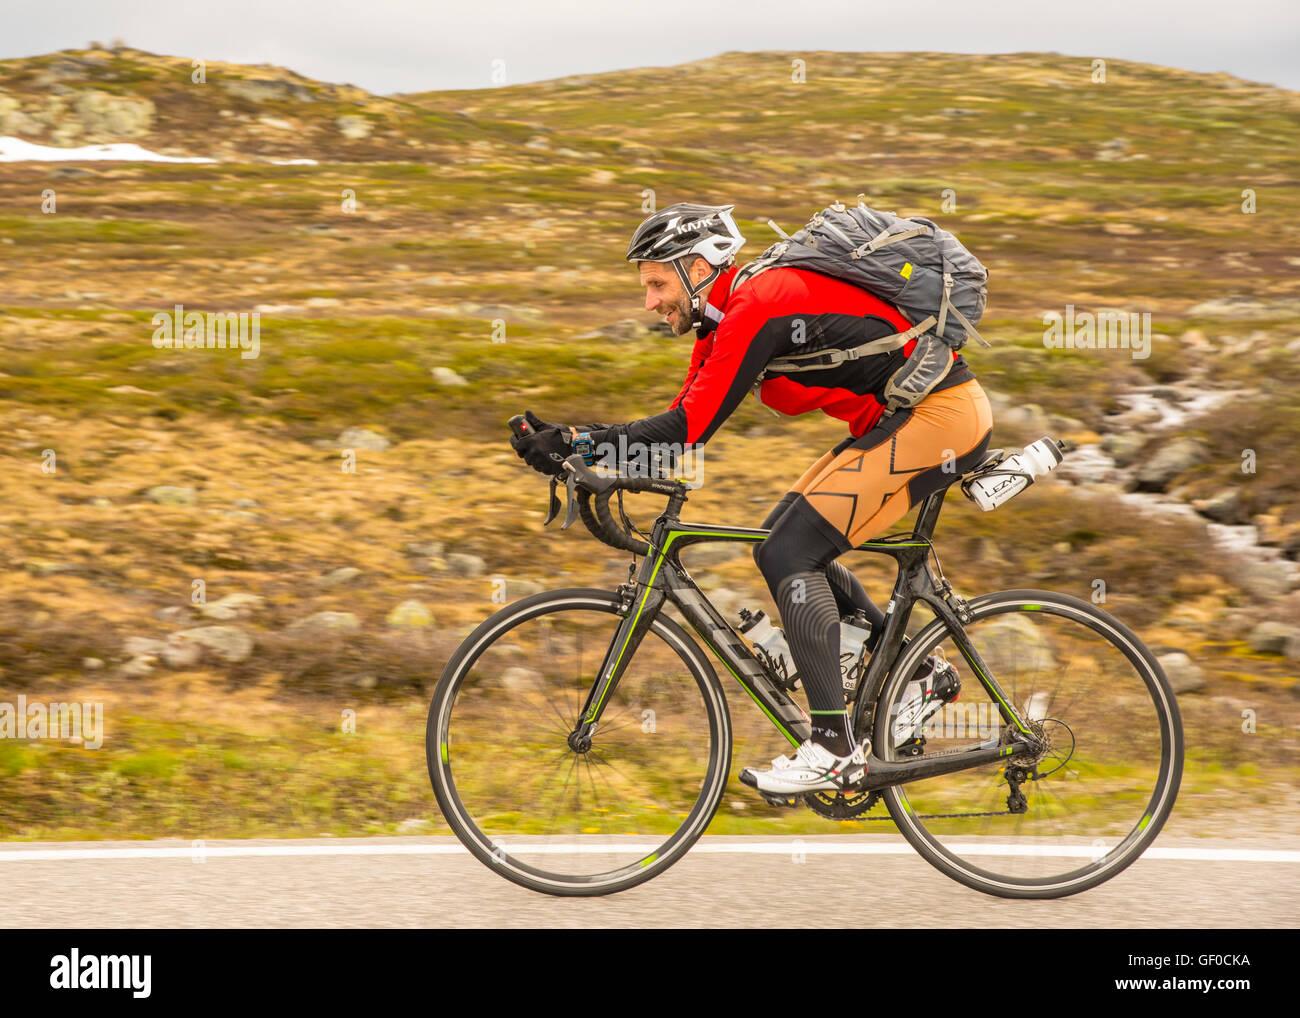 Colportage, cycliste route route 7 Parc national de Hardangervidda à côté du lac, Orteren la Norvège, Photo Stock